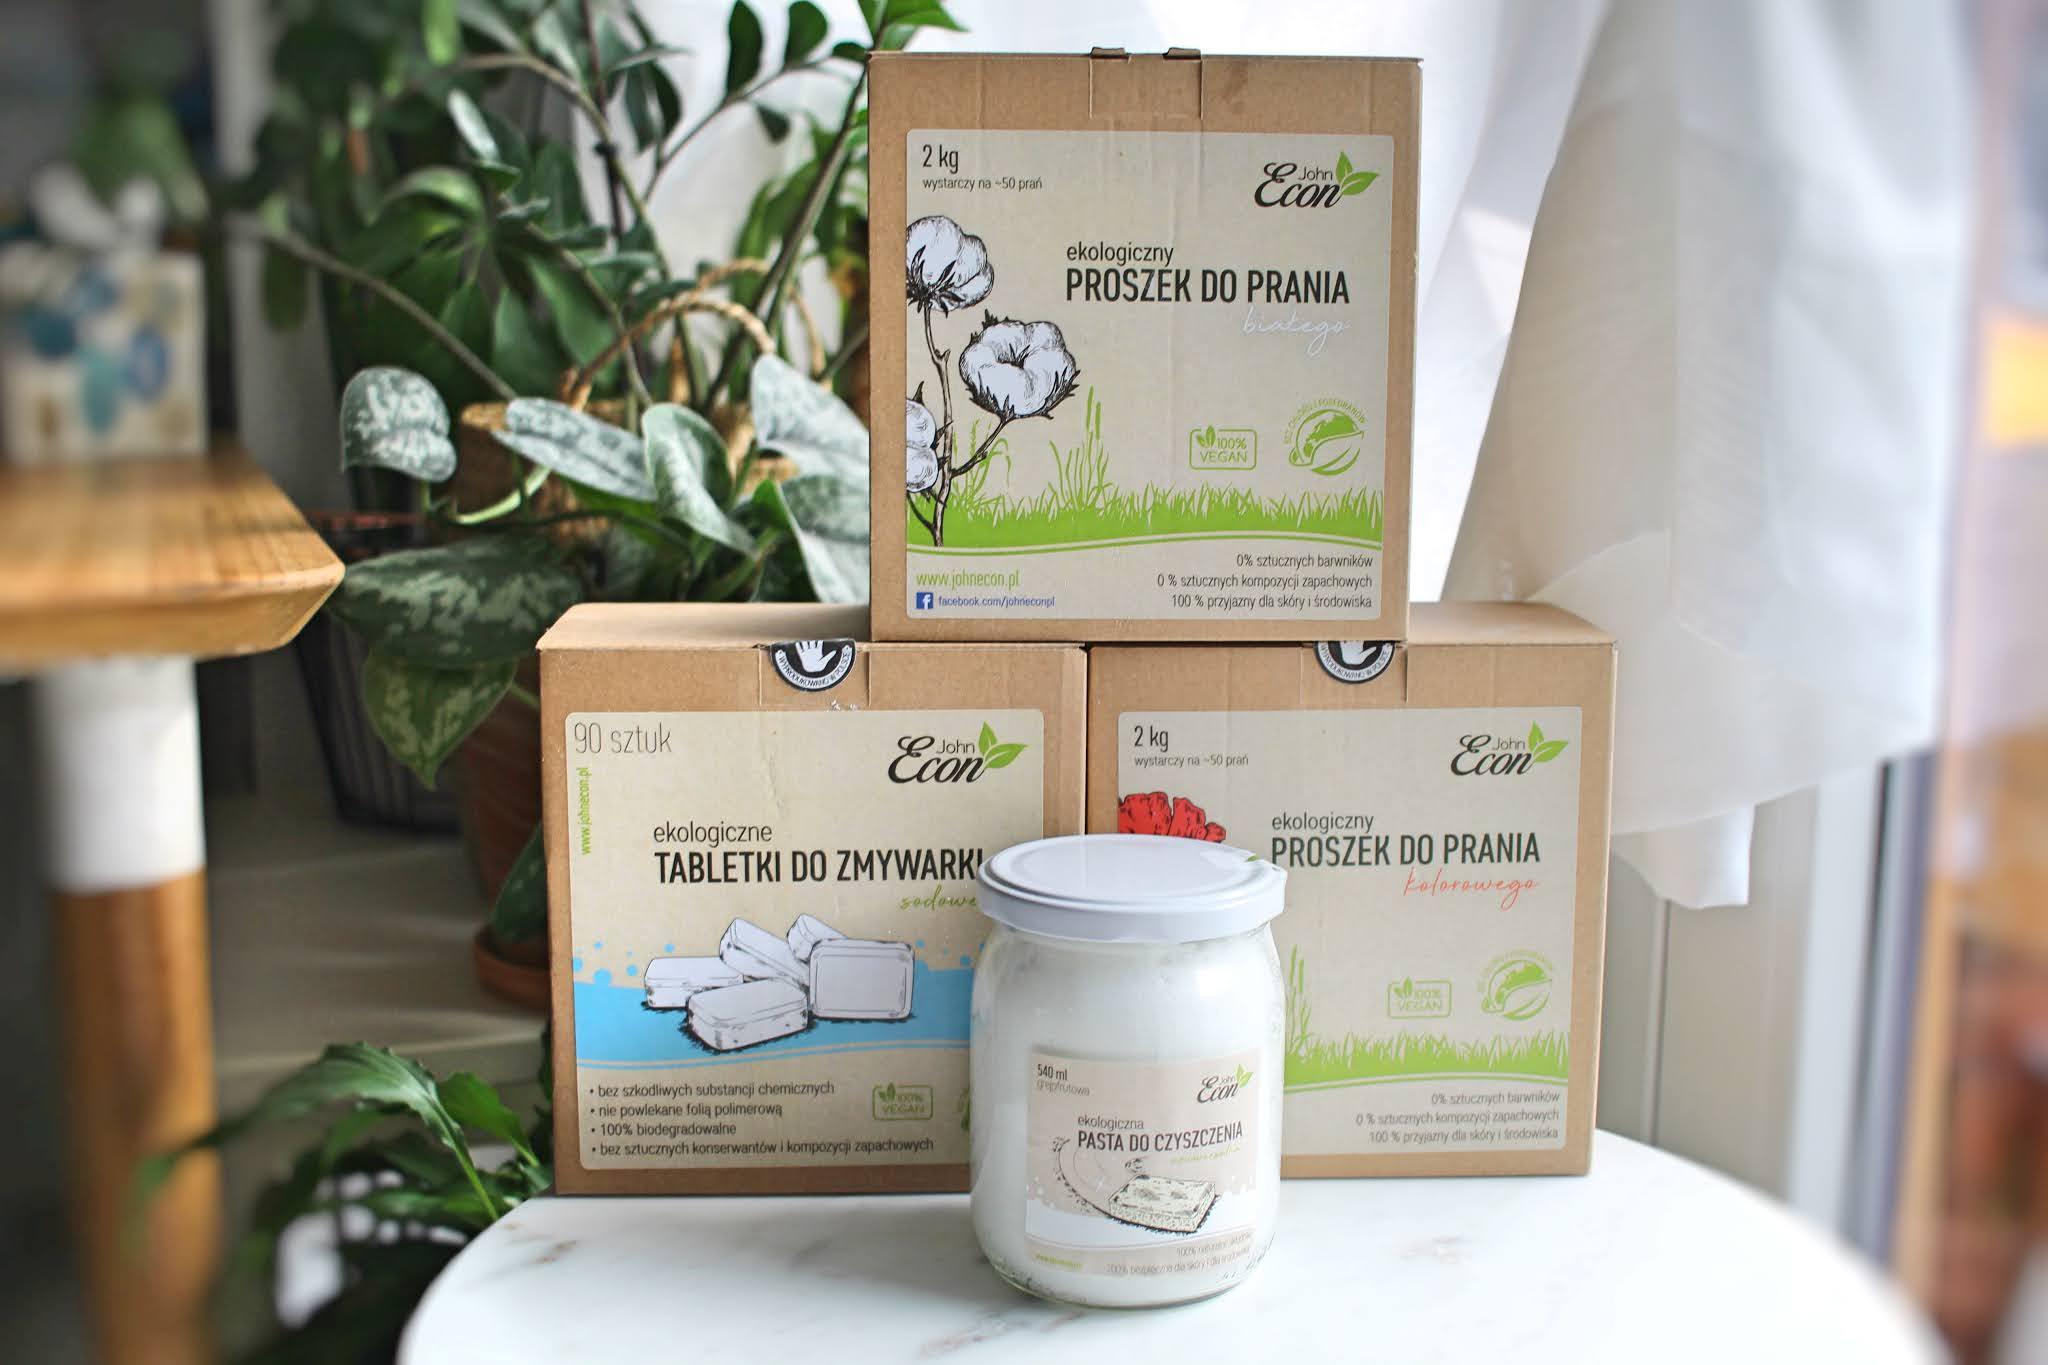 John Econ - ekologiczny proszek do prania białego i kolorowego, tabletki do zmywarki, pasta do czyszczenia